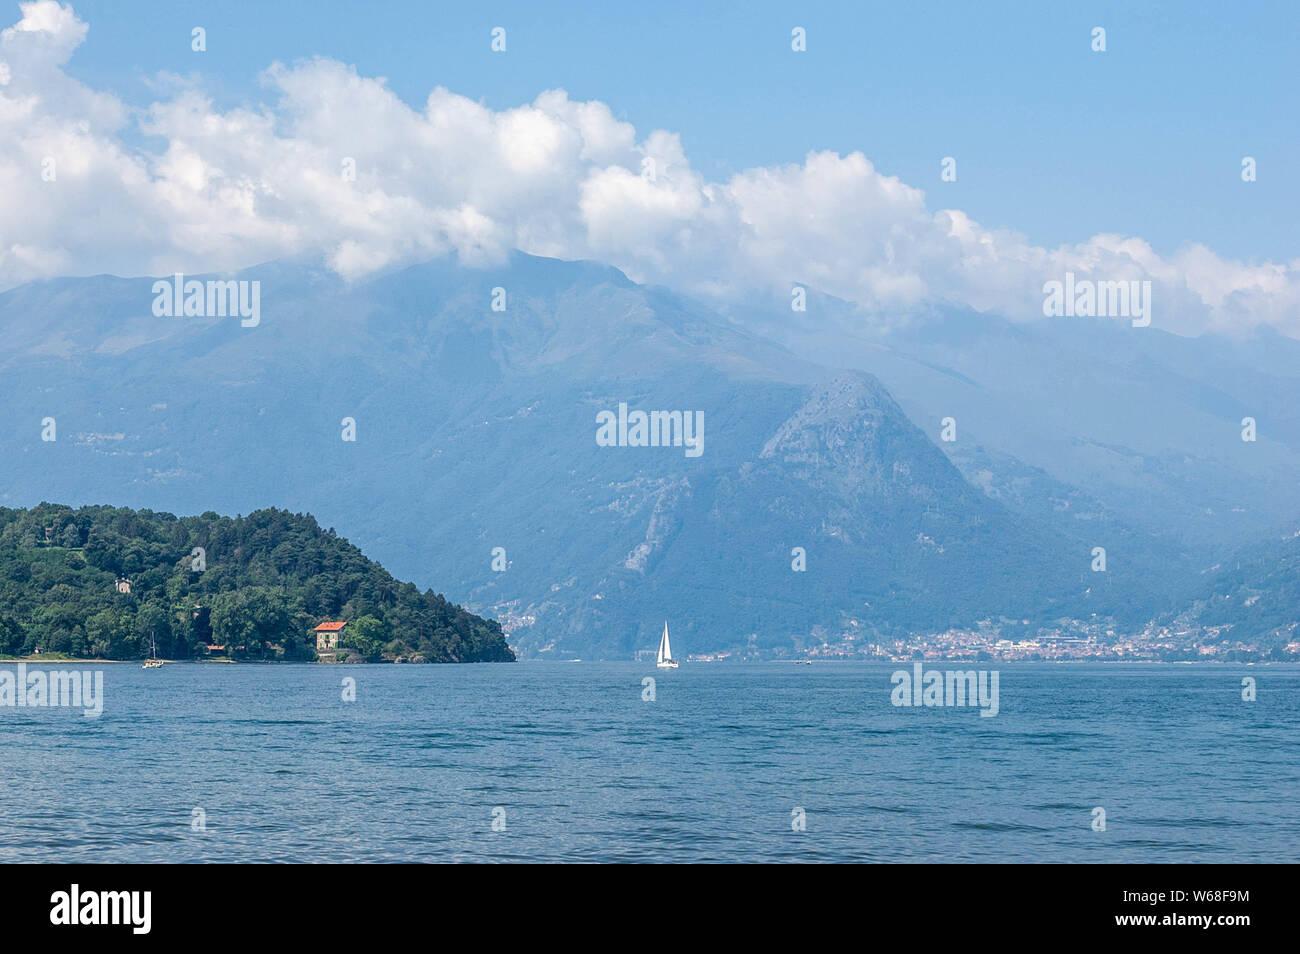 Vista del lago di montagna e il pomontory su una soleggiata giornata estiva. Distretto del Lago di Como, Colico, Italia, Europa. Foto Stock